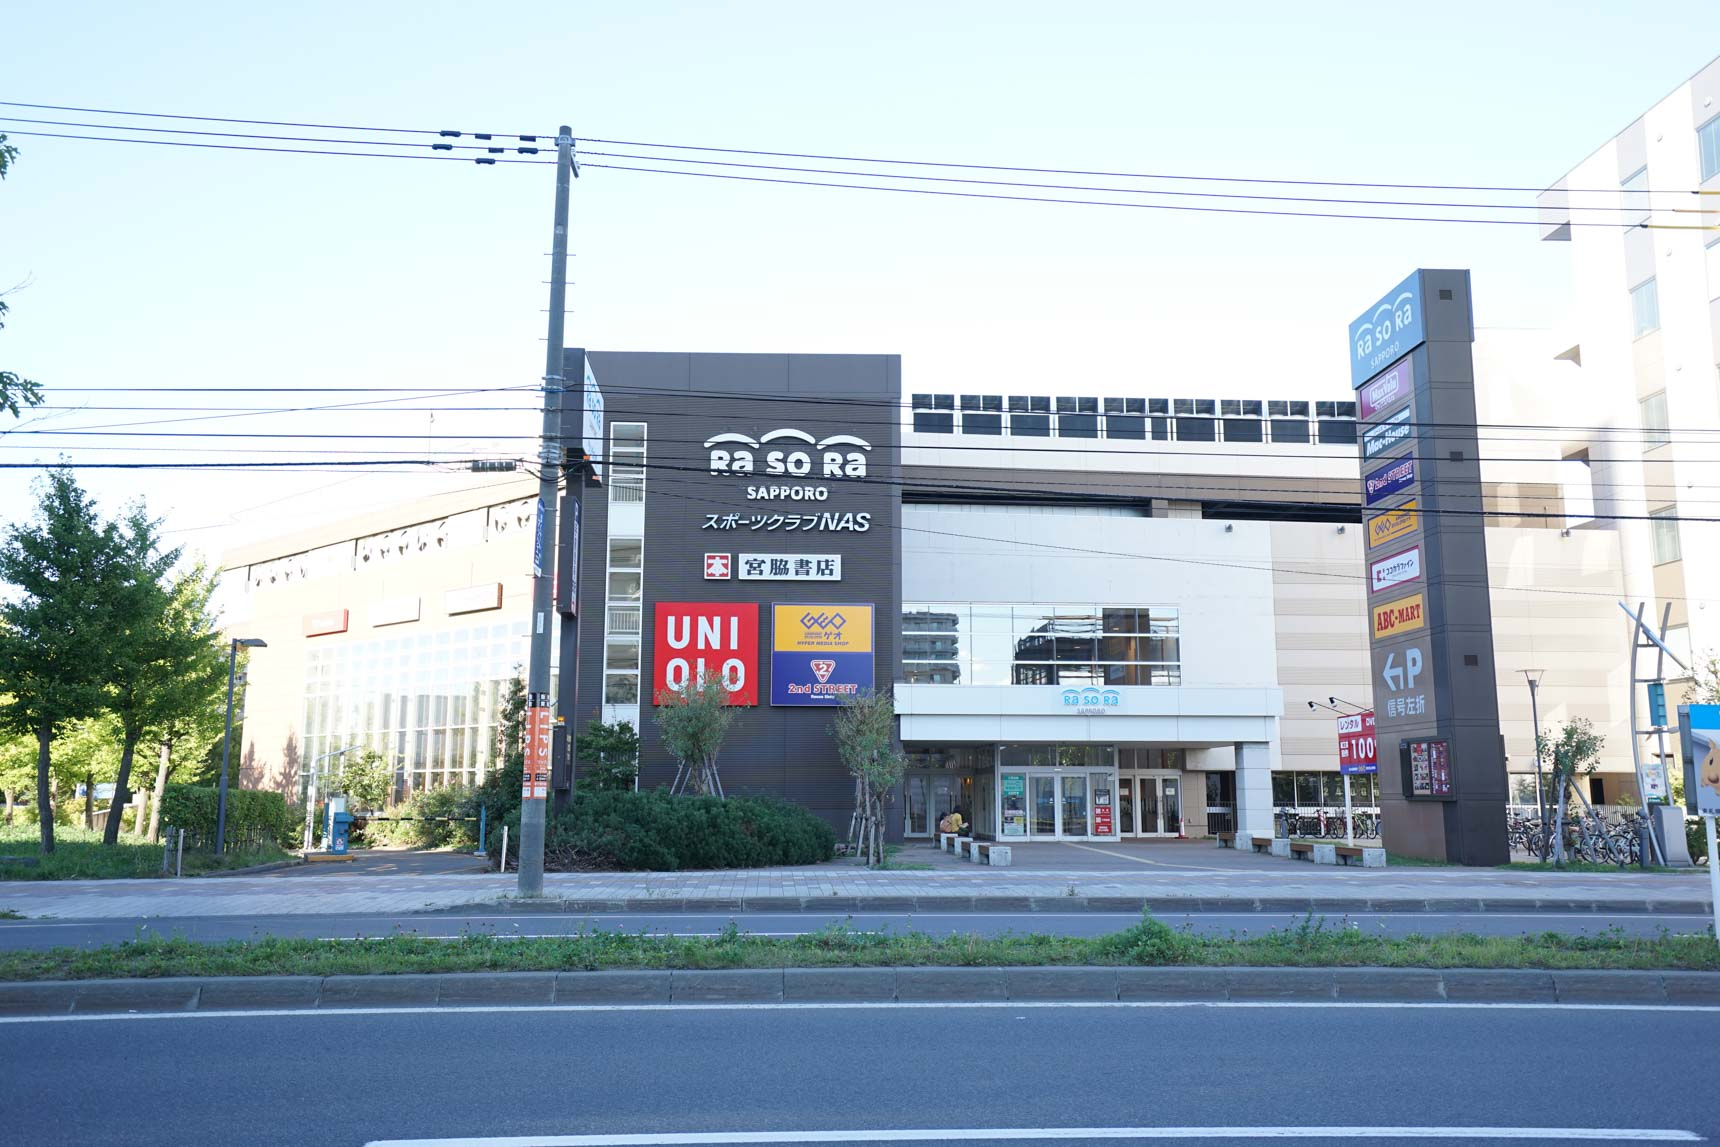 駅すぐ近くの便利なショッピングモール